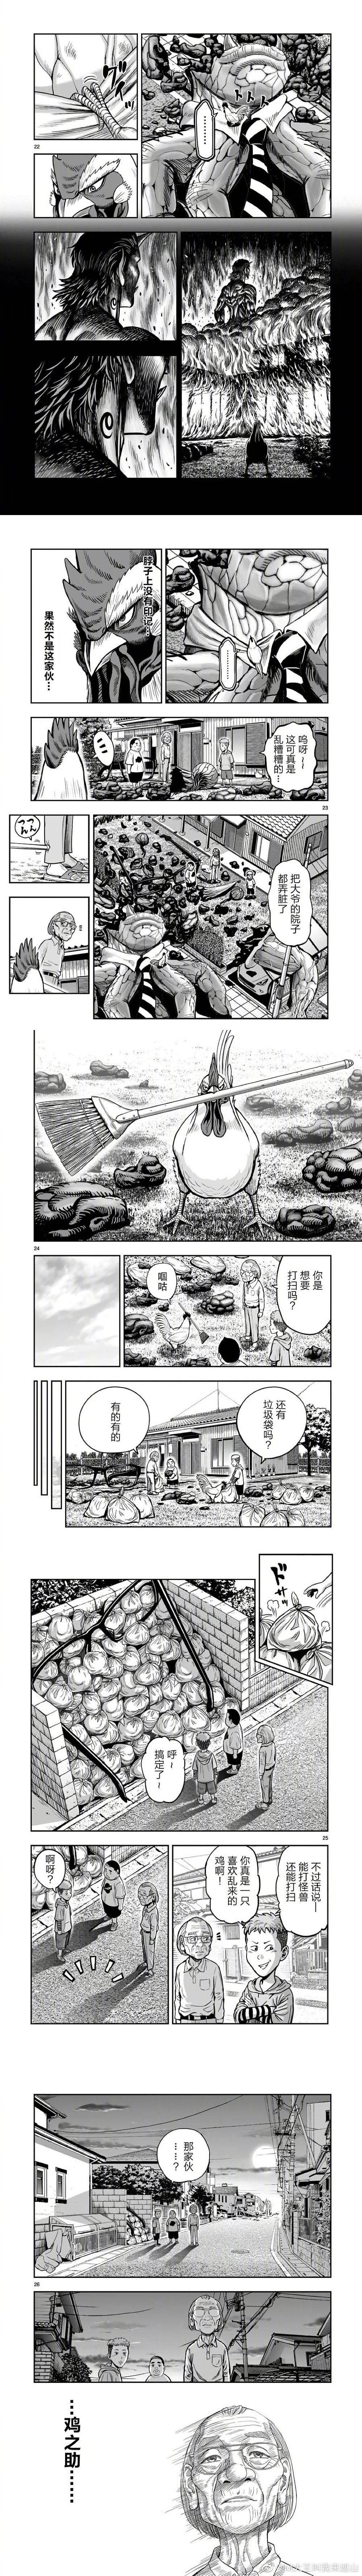 这不比博人传燃? 日本漫画 动漫图片 第12张